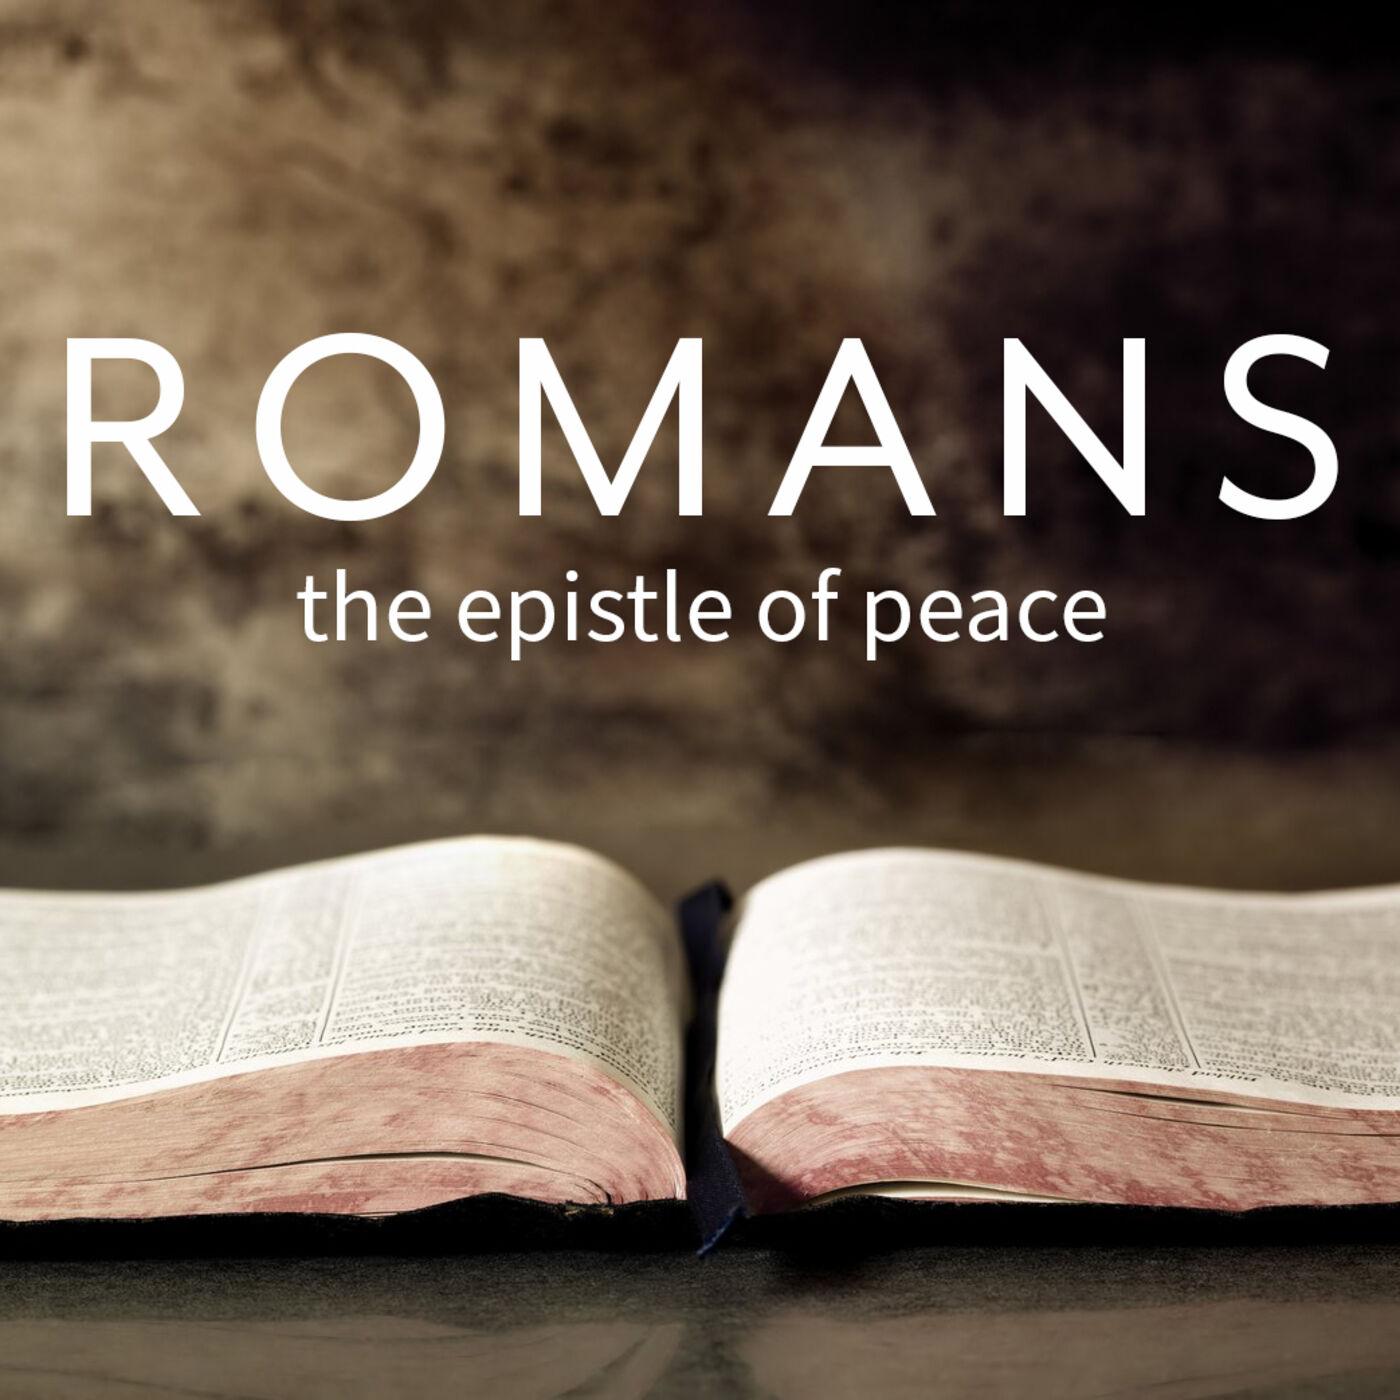 Romans: The Epistle of Peace (part 4)